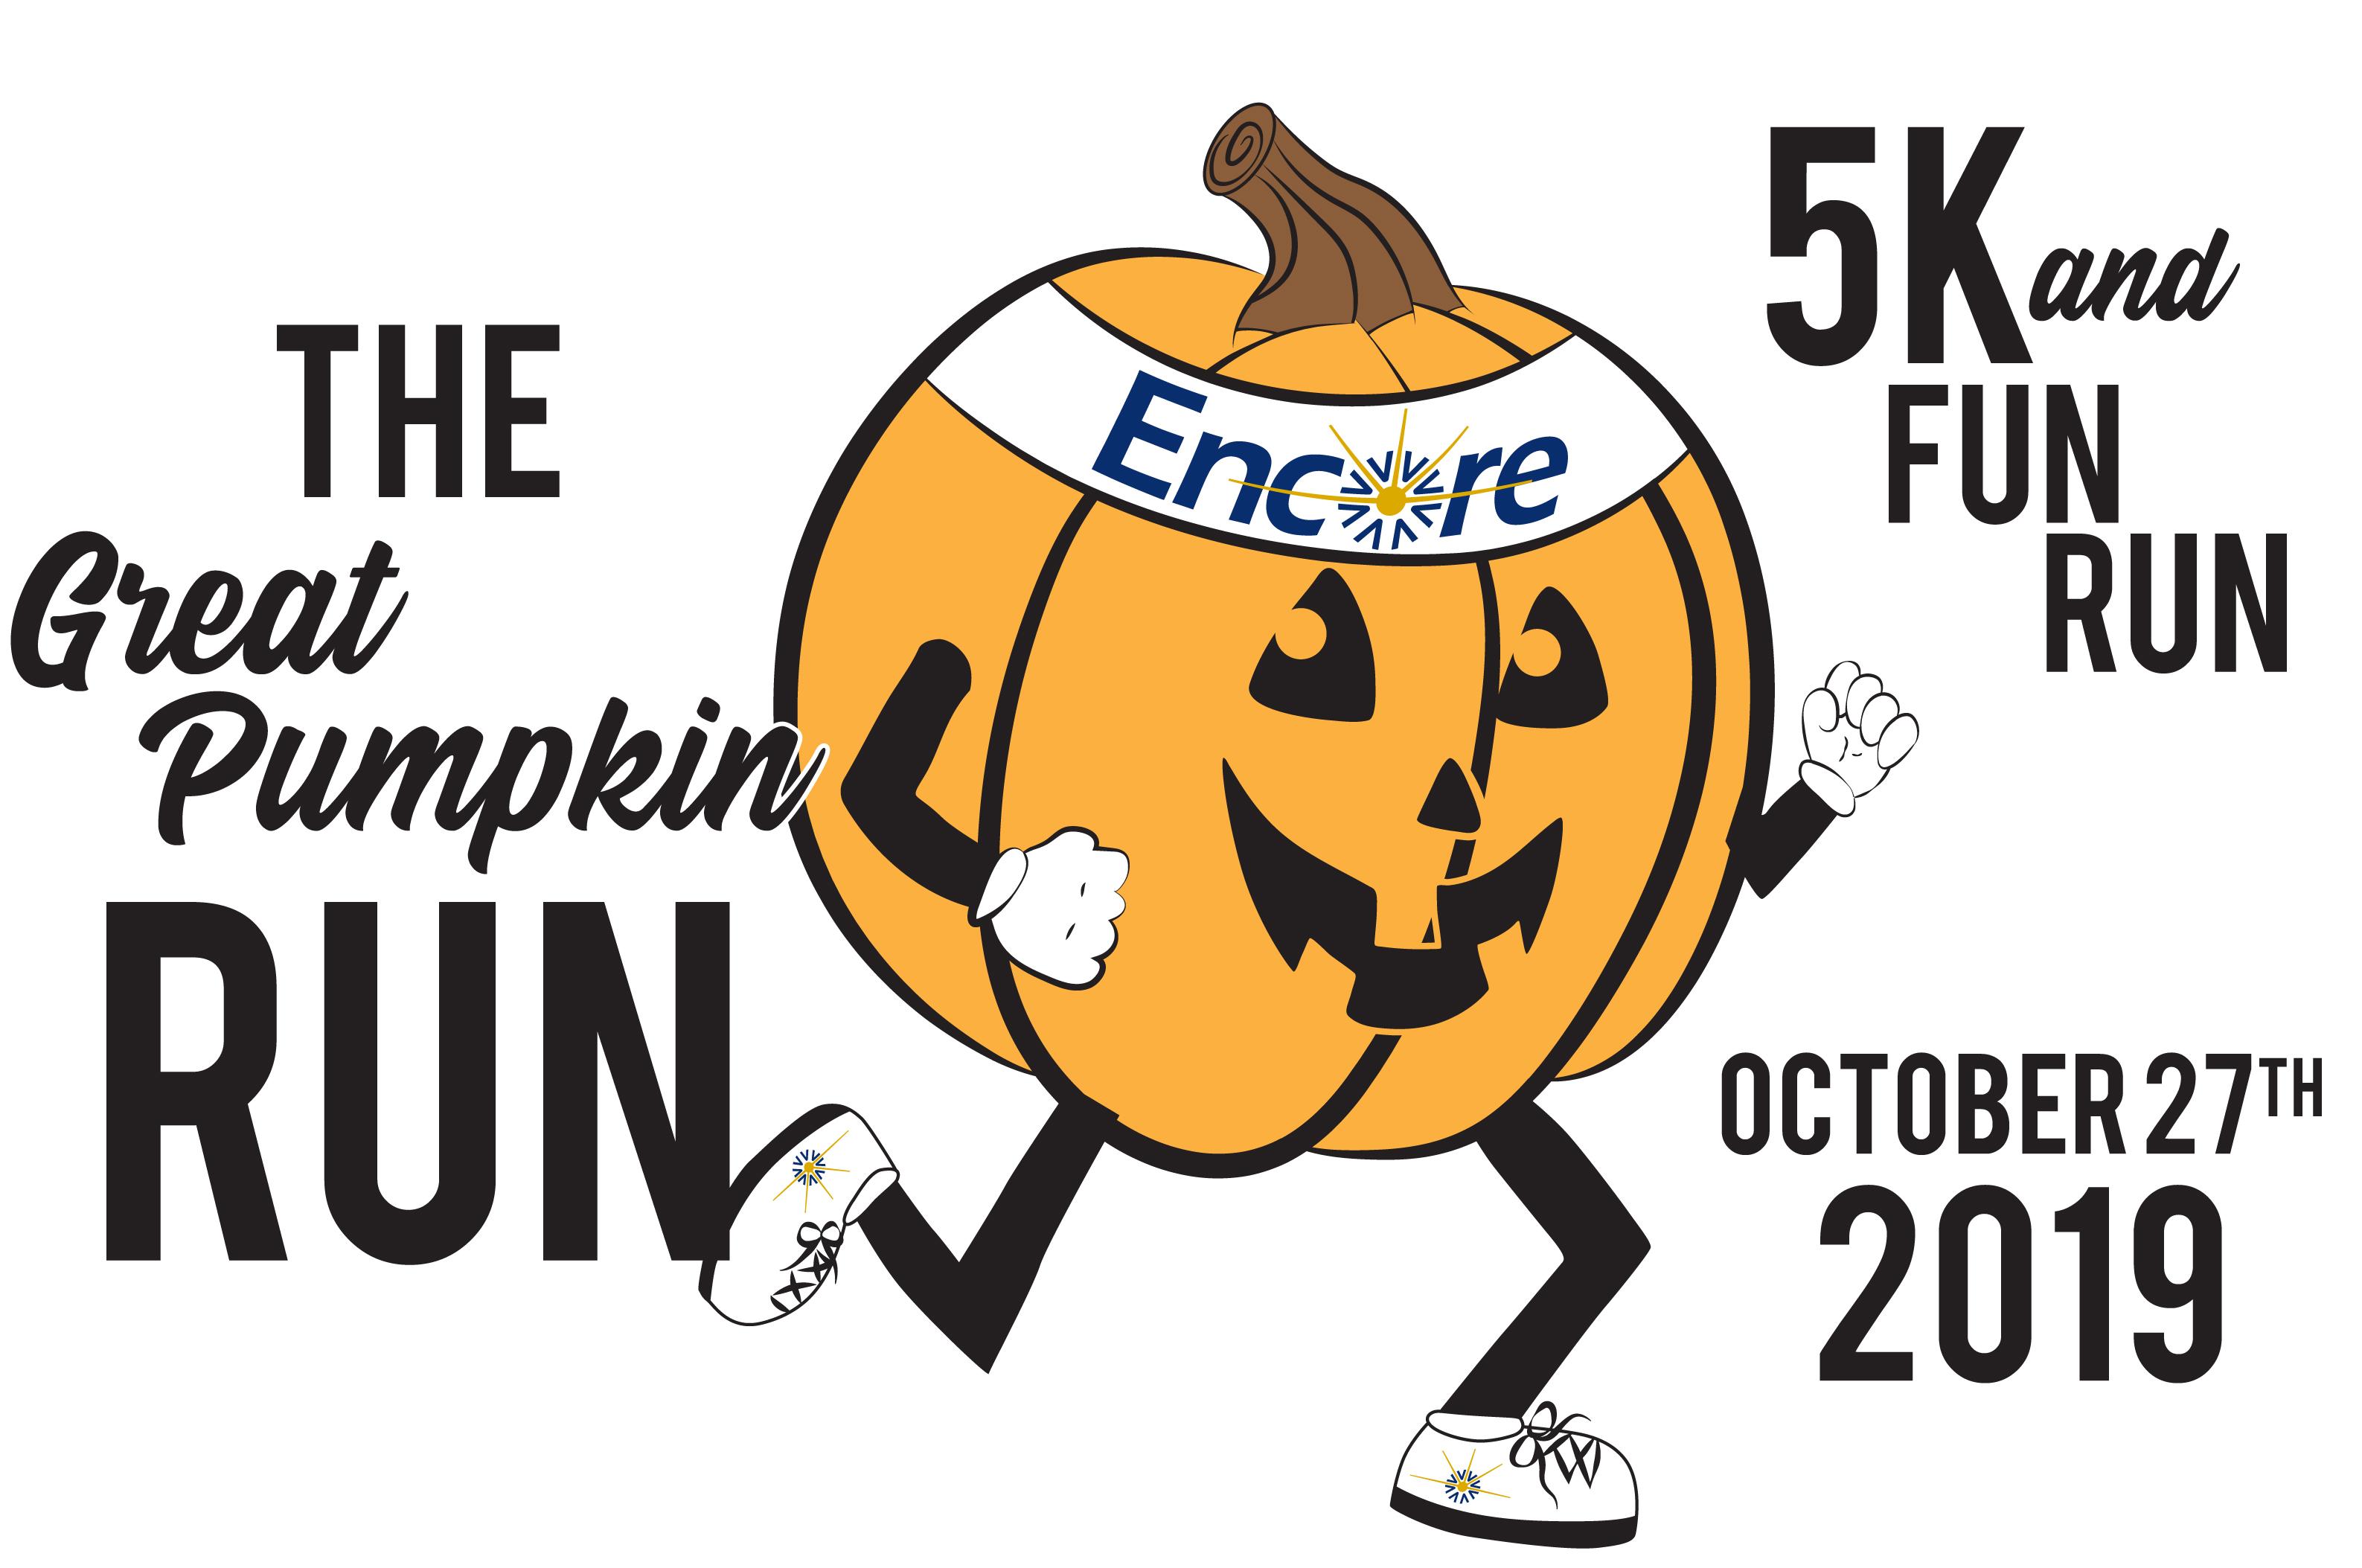 Encore Great Pumpkin 5K and Fun Run will be Sunday, October 27, 2019 #EncoreRehab